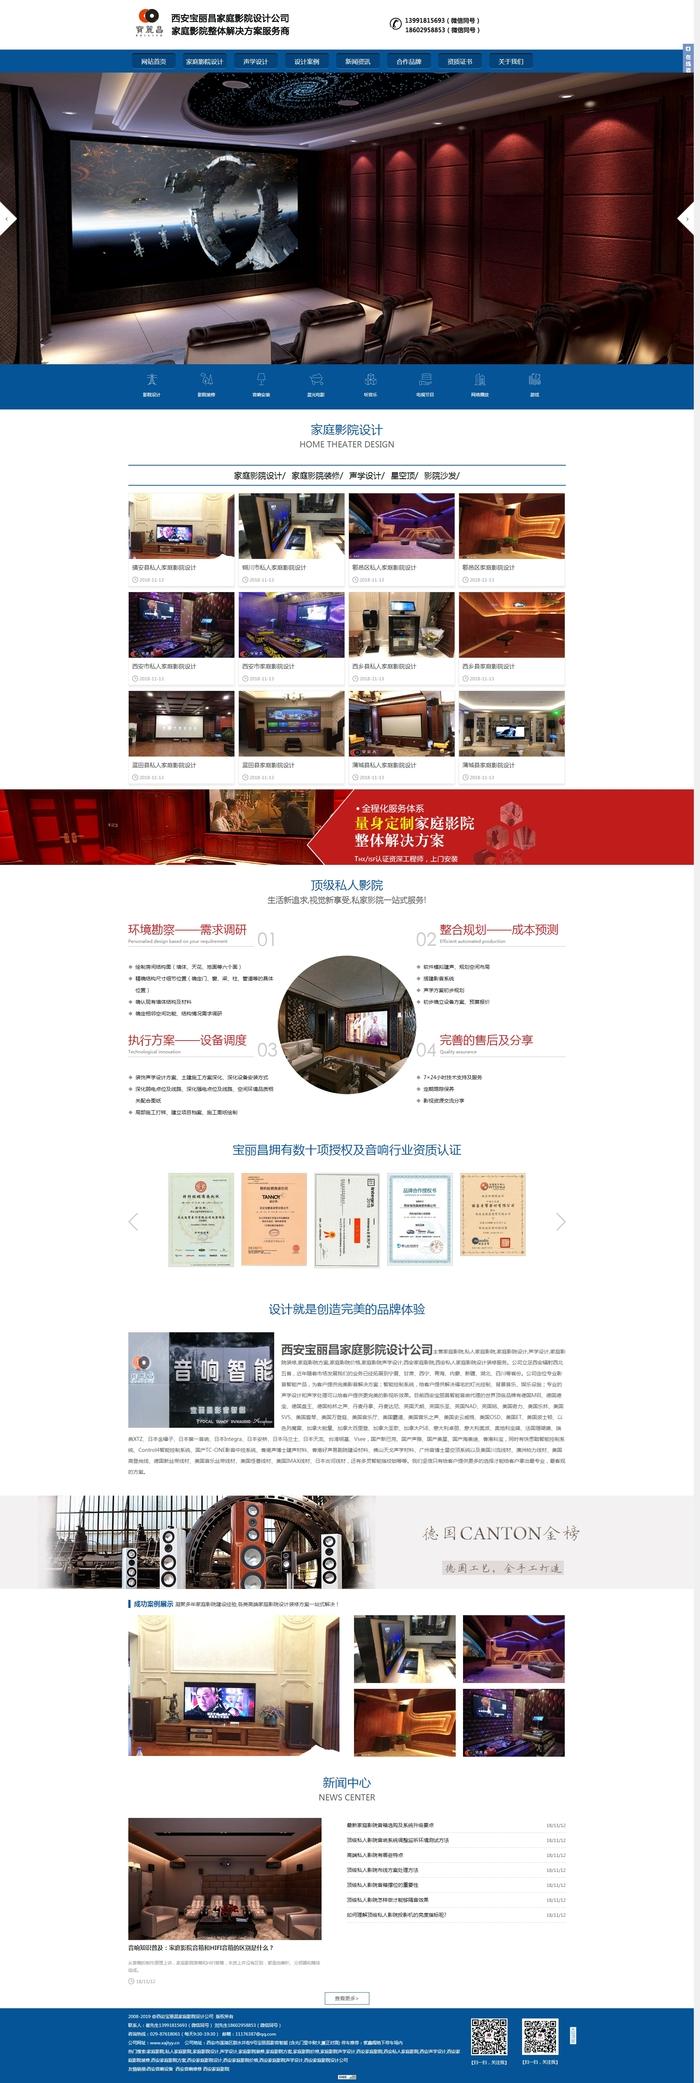 热烈祝贺西安家庭影院设计公司【宝丽昌】家庭影院建设推广网站上线